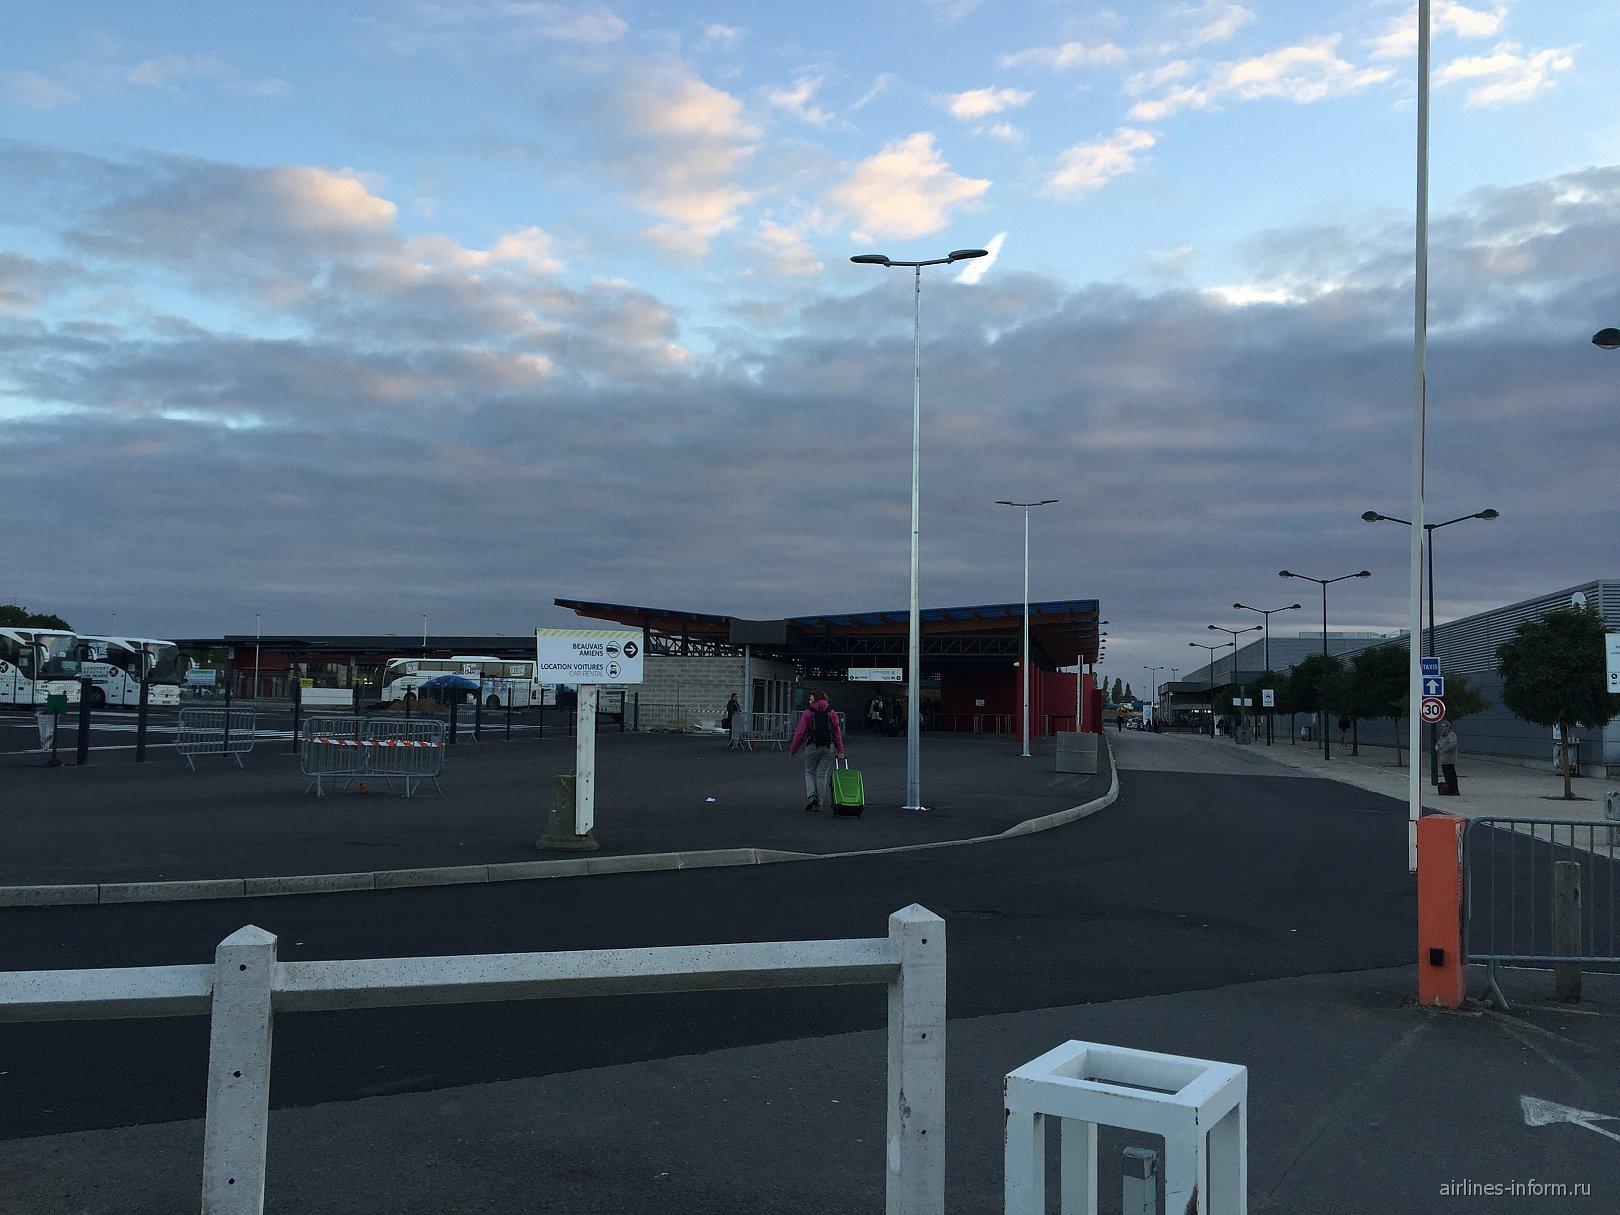 Привокзальная площадь аэропорта Париж Бове